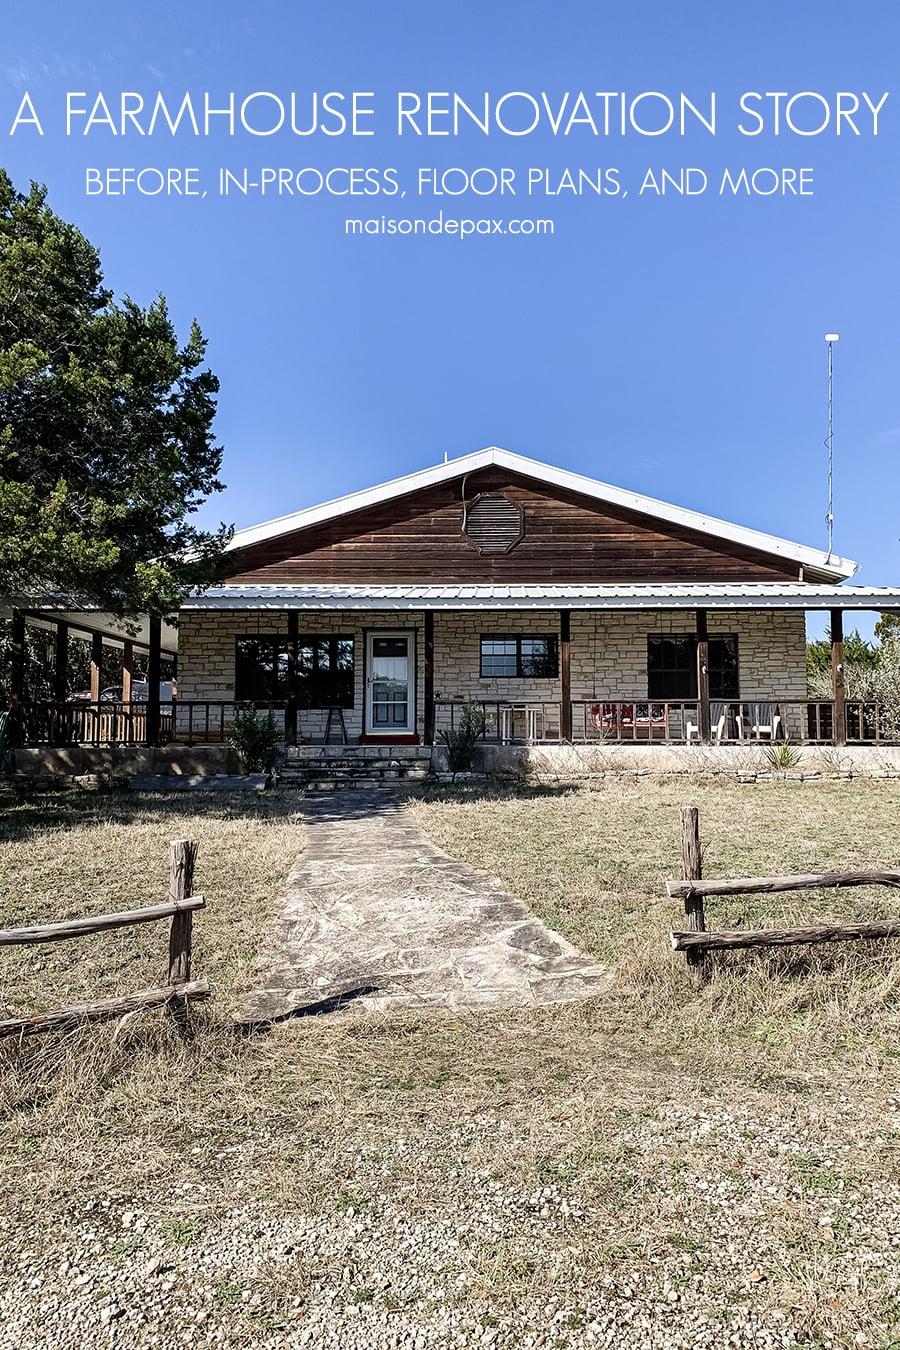 texas ranch house facade and split rail fence   Maison de Pax